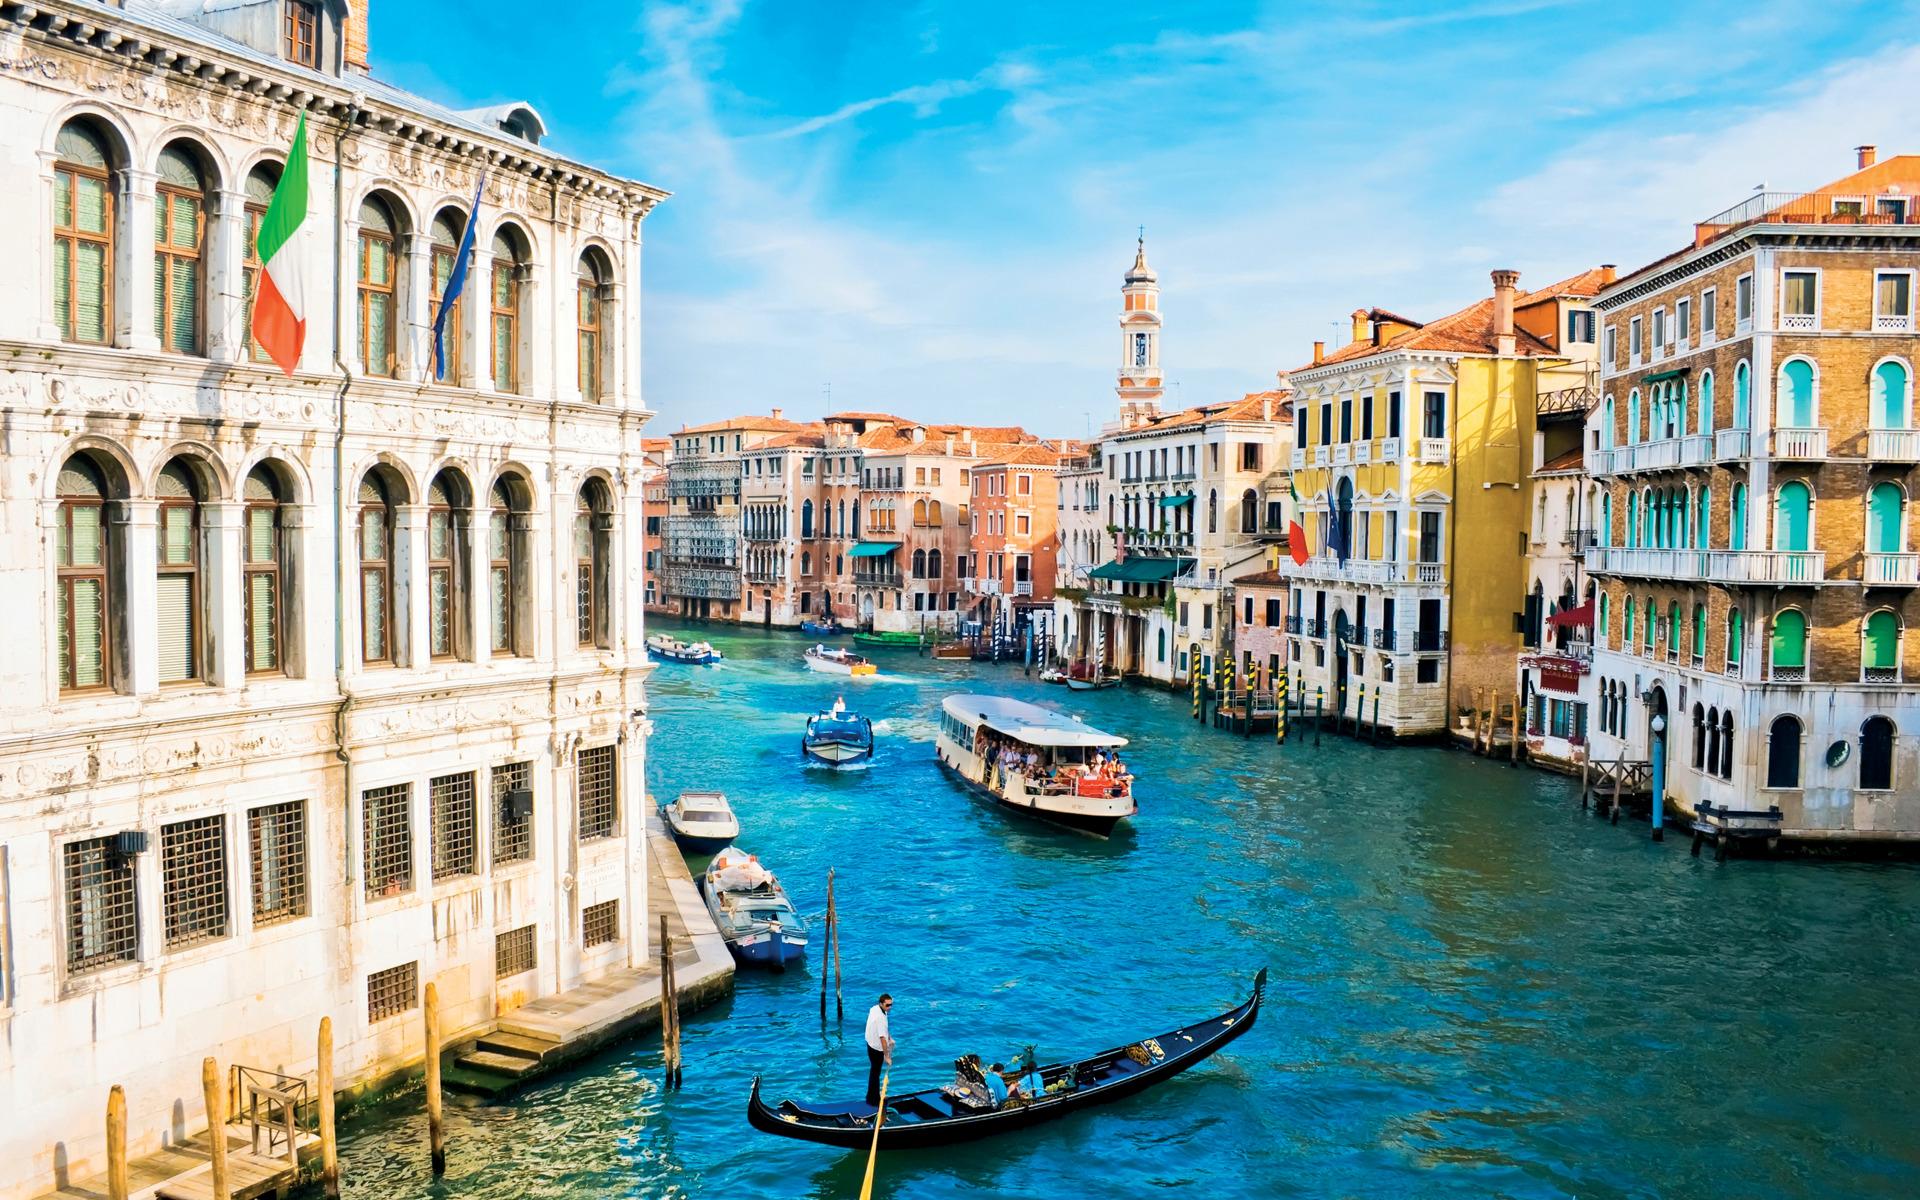 италия все города фото описать дифракцию